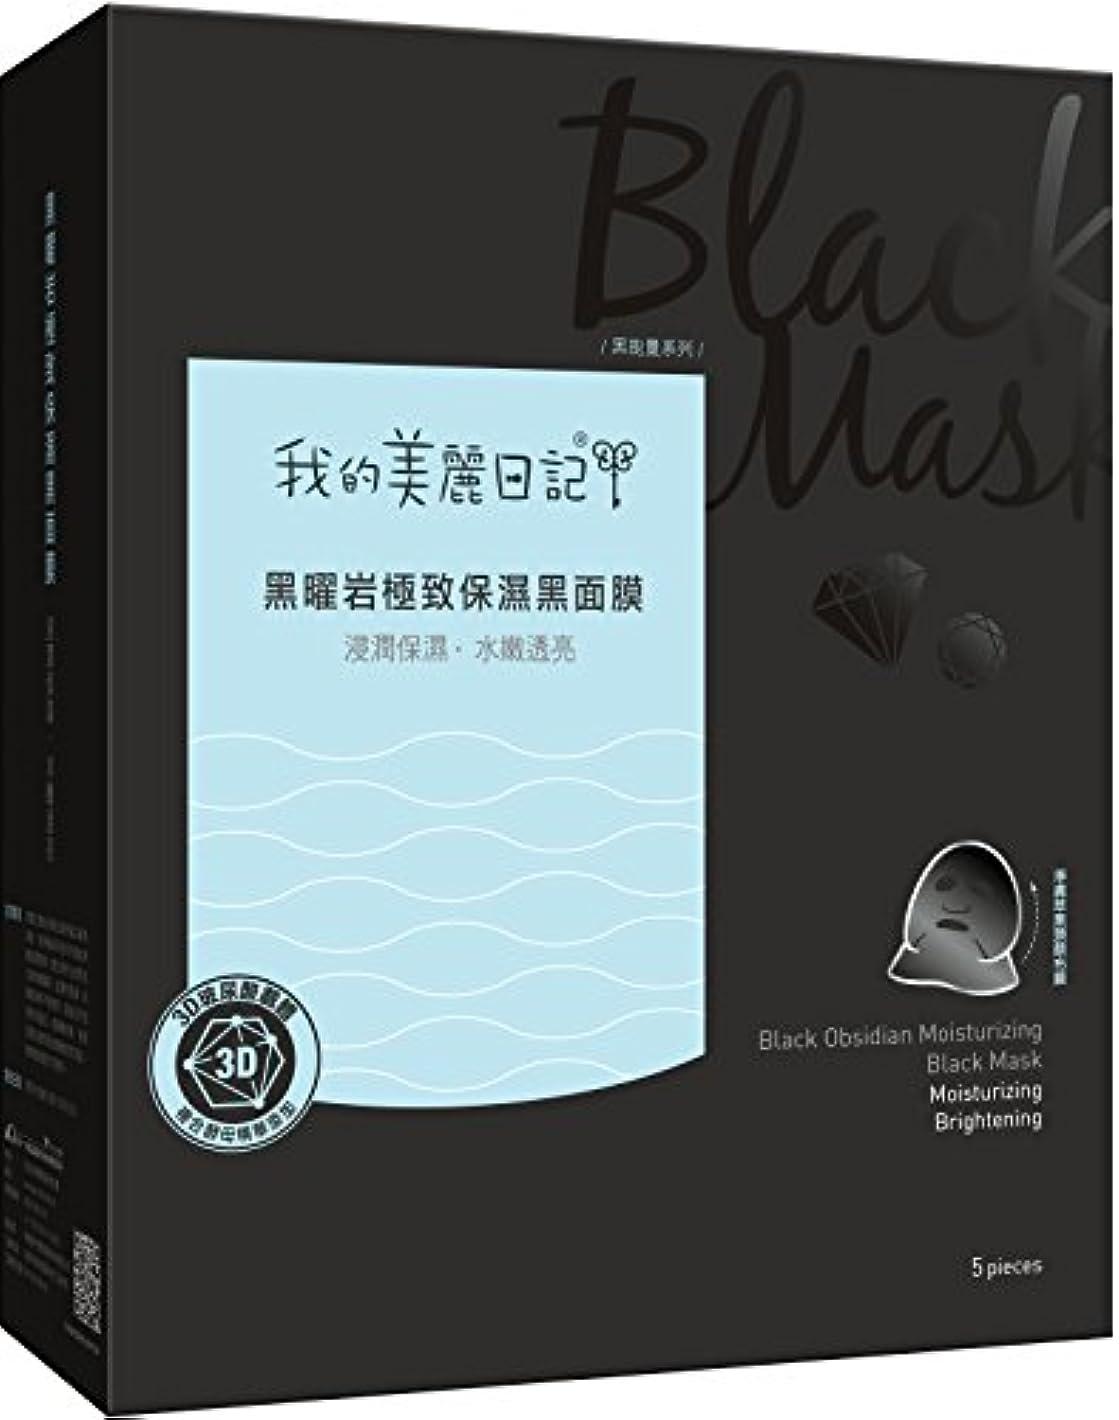 マッシュ主権者励起私のきれい日記:黒曜石3Dヒアルロン酸 5枚 【並行輸入品】